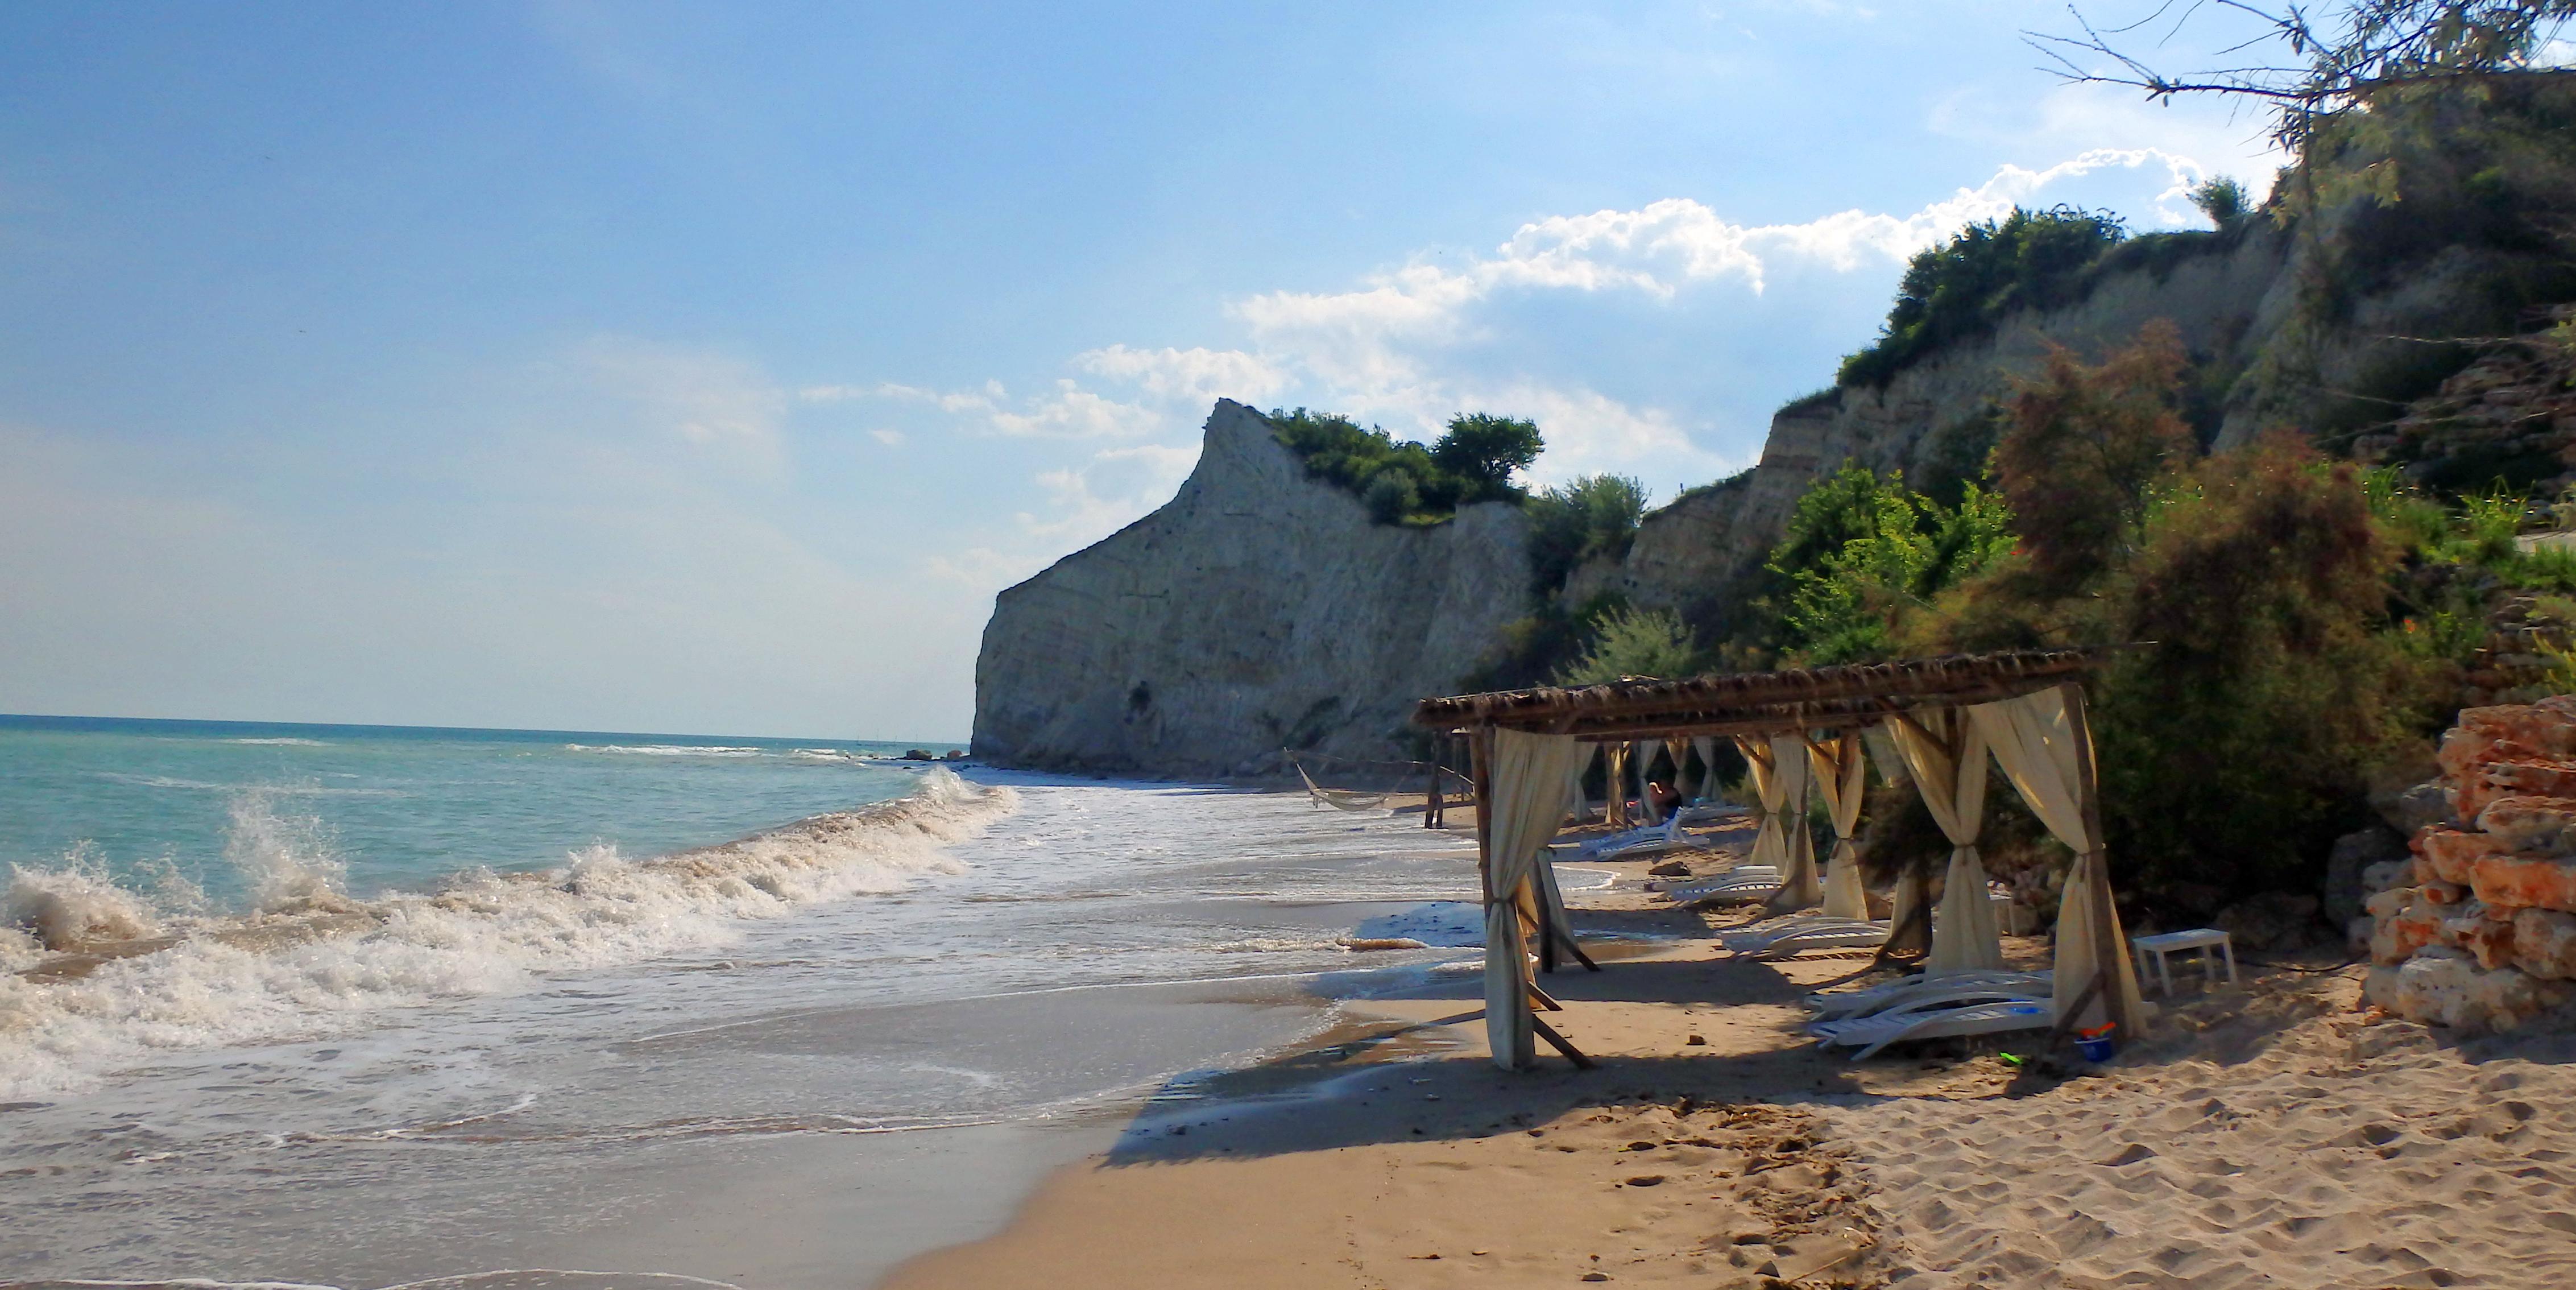 Golf-Bulharsko-Thracian-Cliffs-golfový-turnaj-Snail-Travel-Cup-oběd-na-pláži